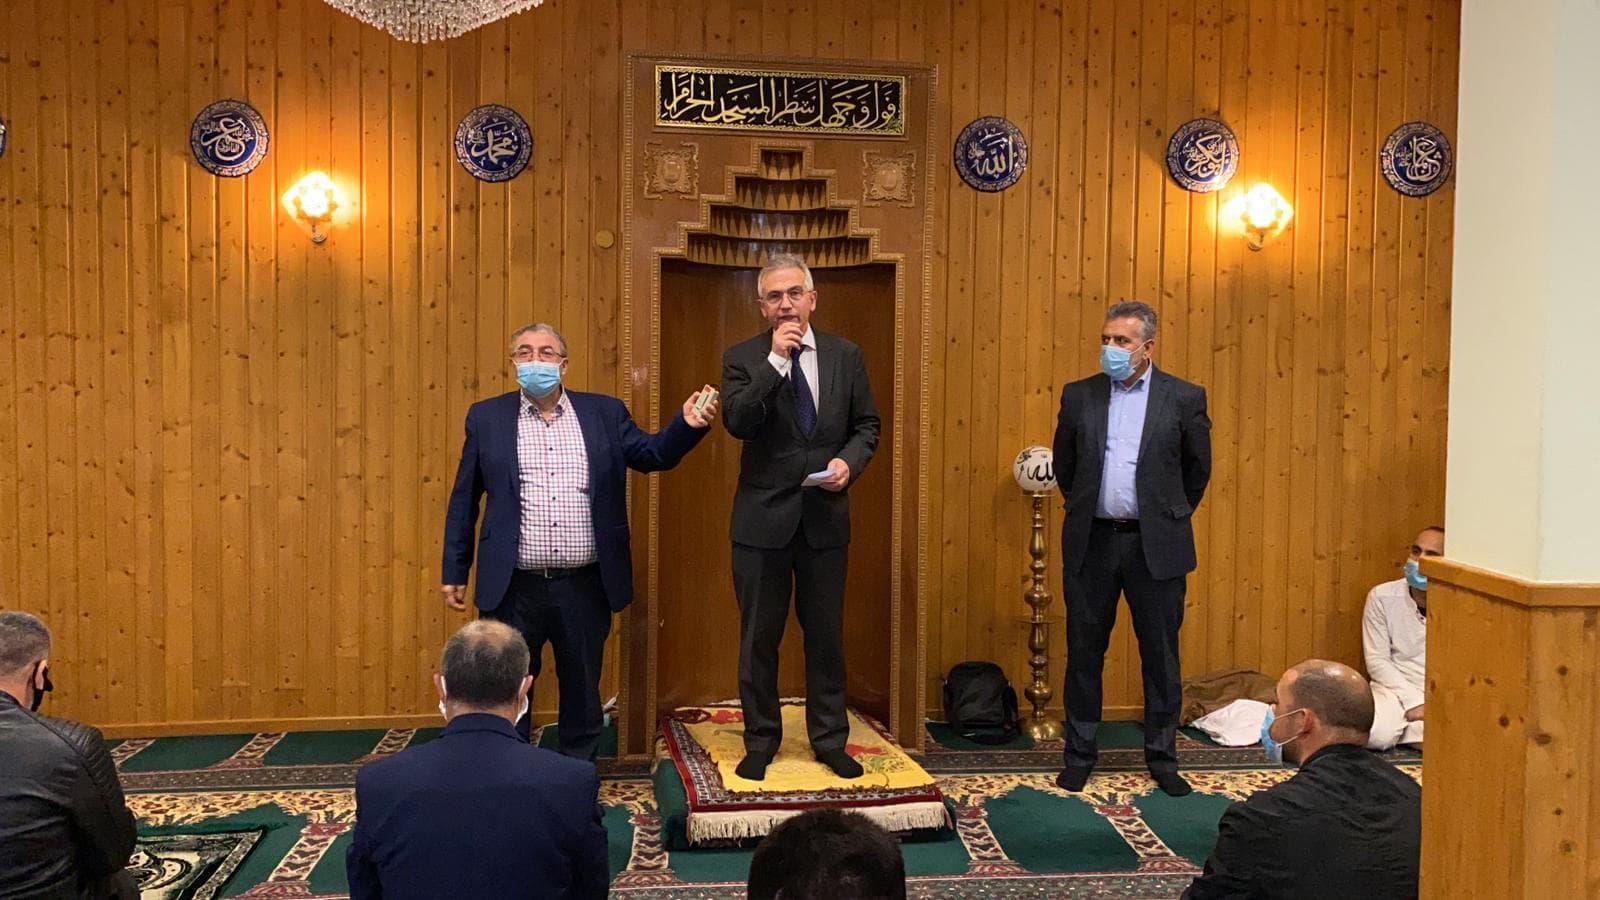 Ffm. Belediye Başkanı Peter Feldmann Camide Müslümanların Ramazan Bayramını Kutladı